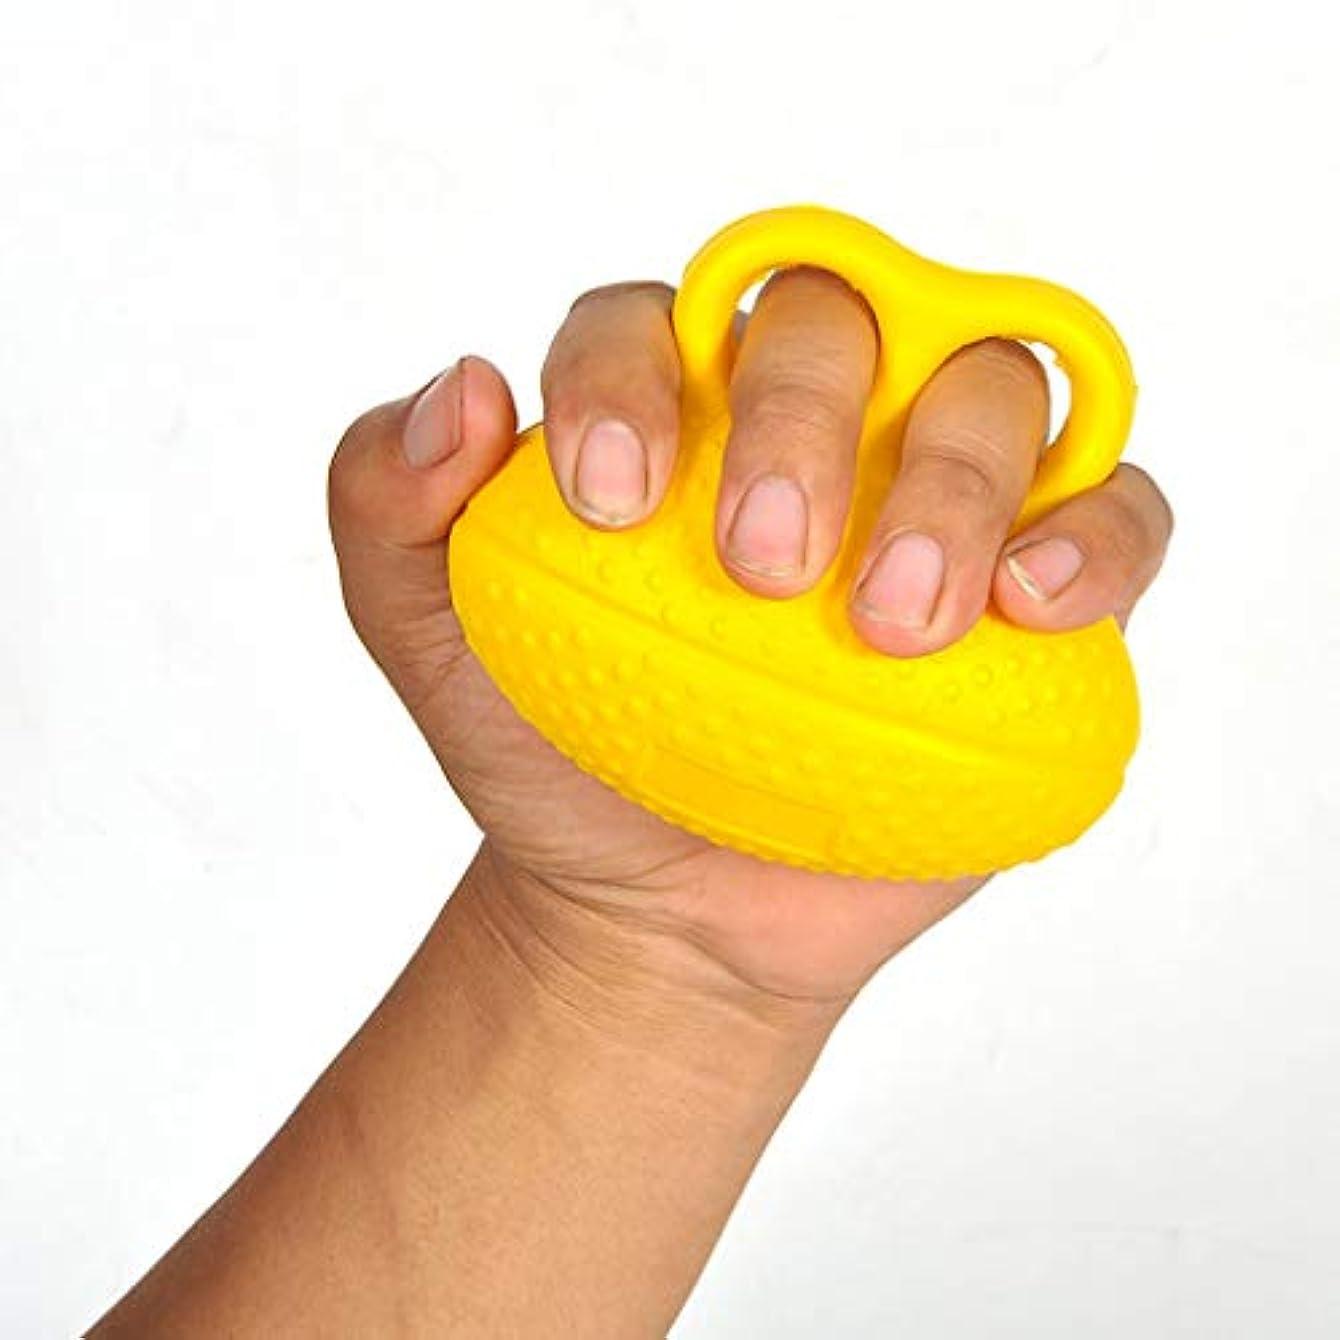 起点尾ポーンダブル指の卵形の脳卒中患者のためのフィンガーグリップ機器、手スクワット、手首に巻かれた患者のためのフィンガーグリップボール大人のリハビリテーション2本指グリップ